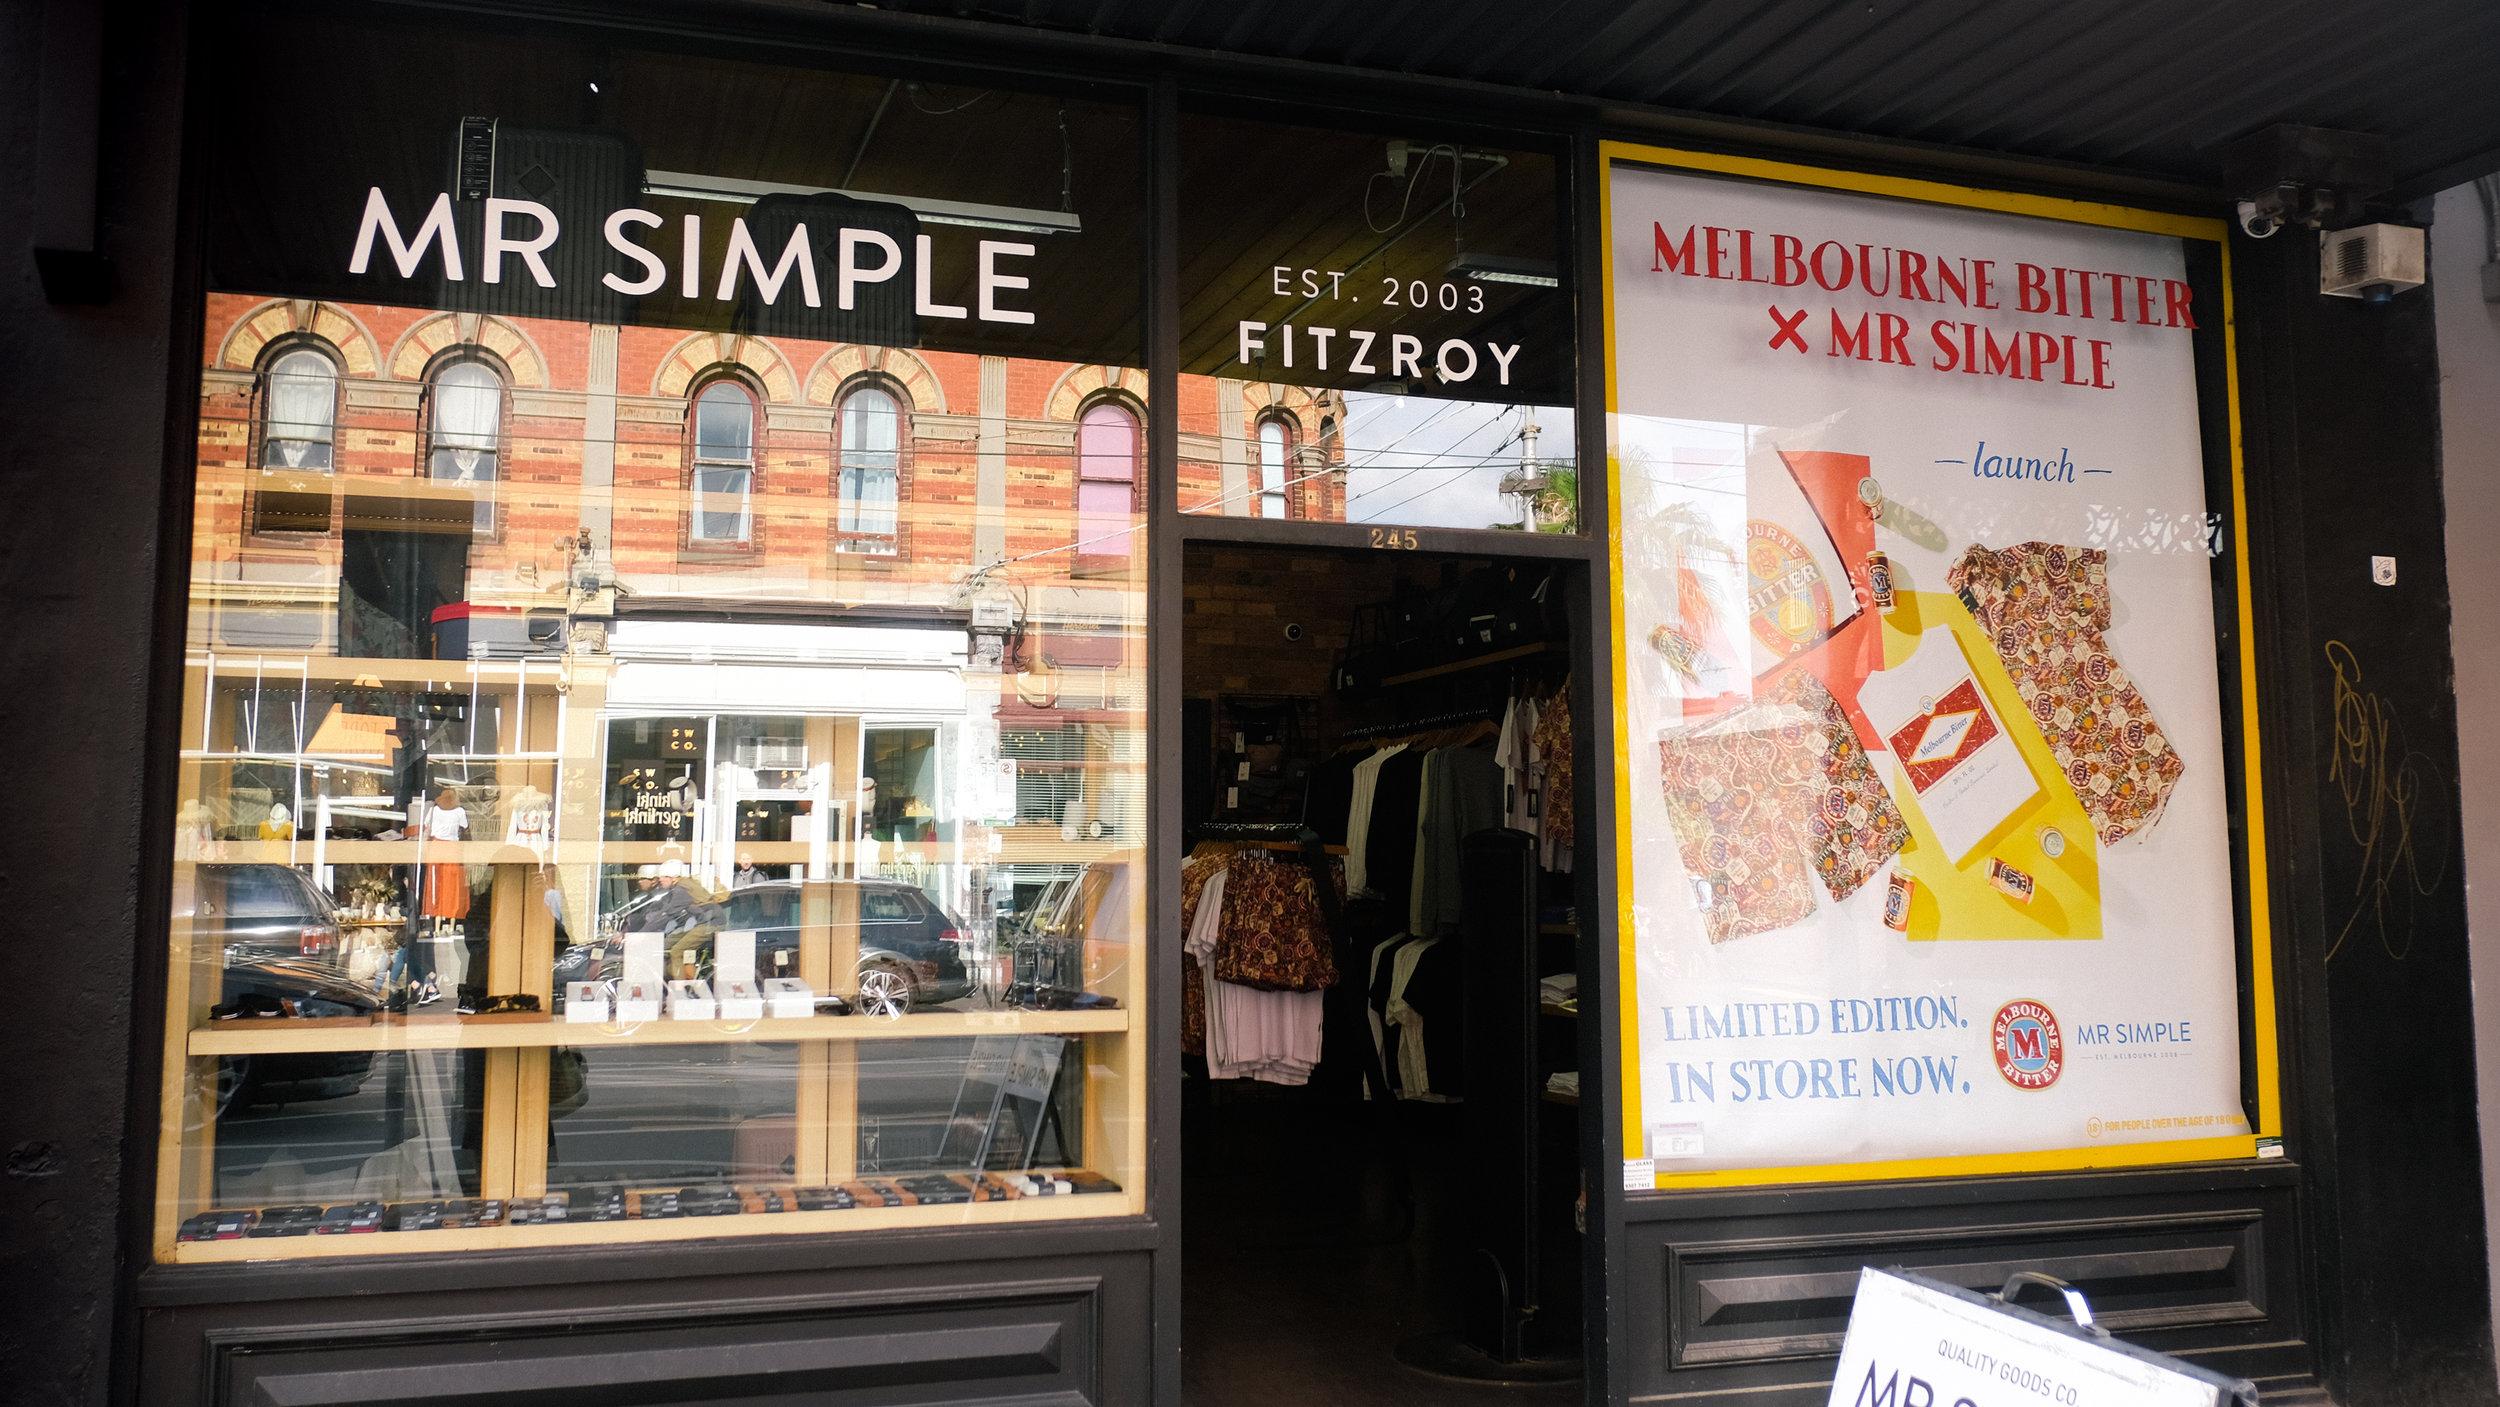 Mr Simple X Melbourne Bitter - Naomi Lee Beveridge - 4 (1).jpg